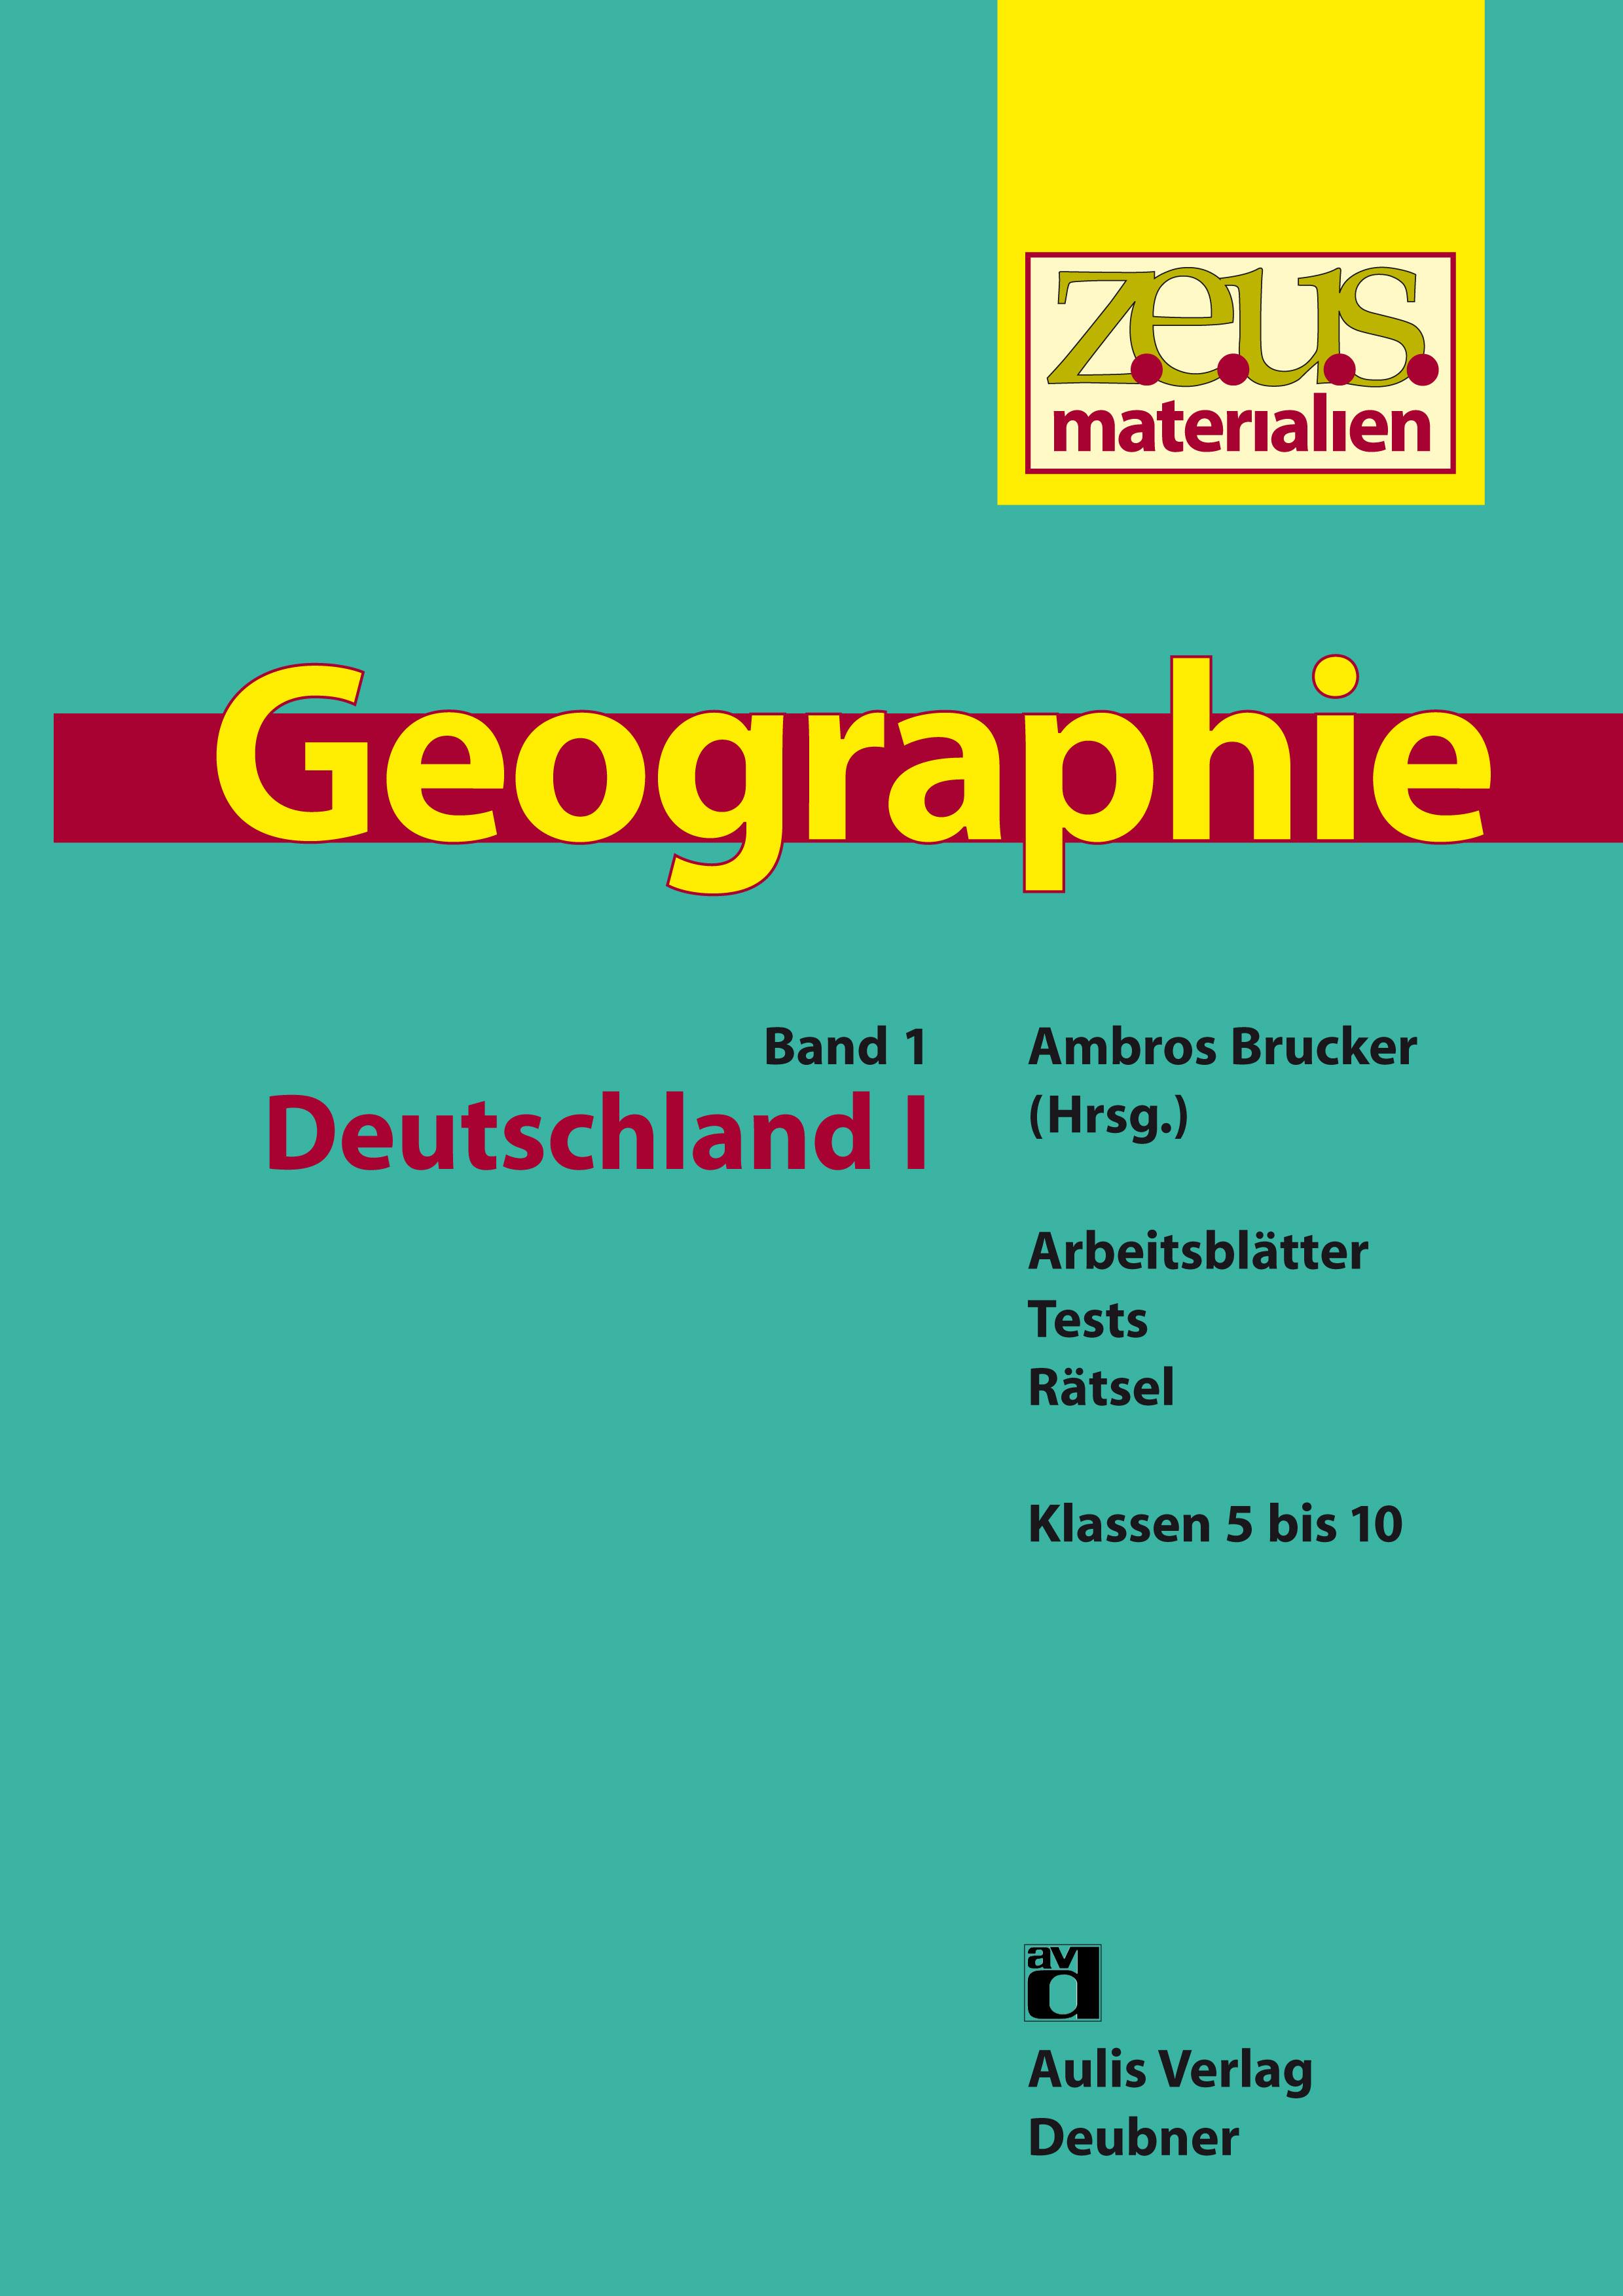 z.e.u.s. Materialien Geographie-Buchreihe – Band 1: Deutschland I